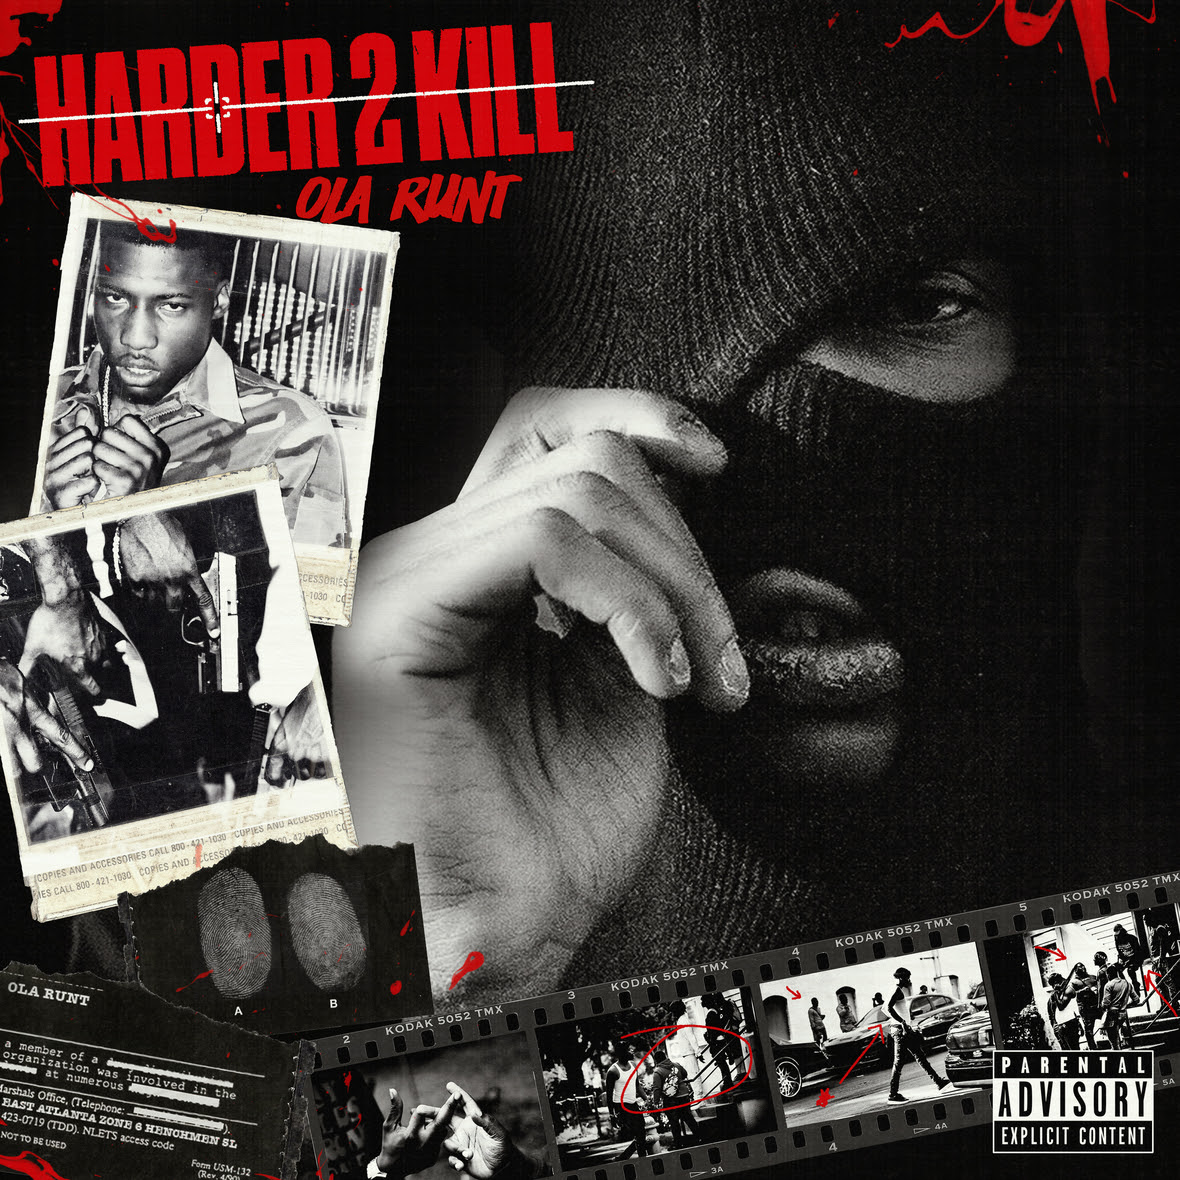 Ola Runt Harder 2 Kill Mixtape Artwork